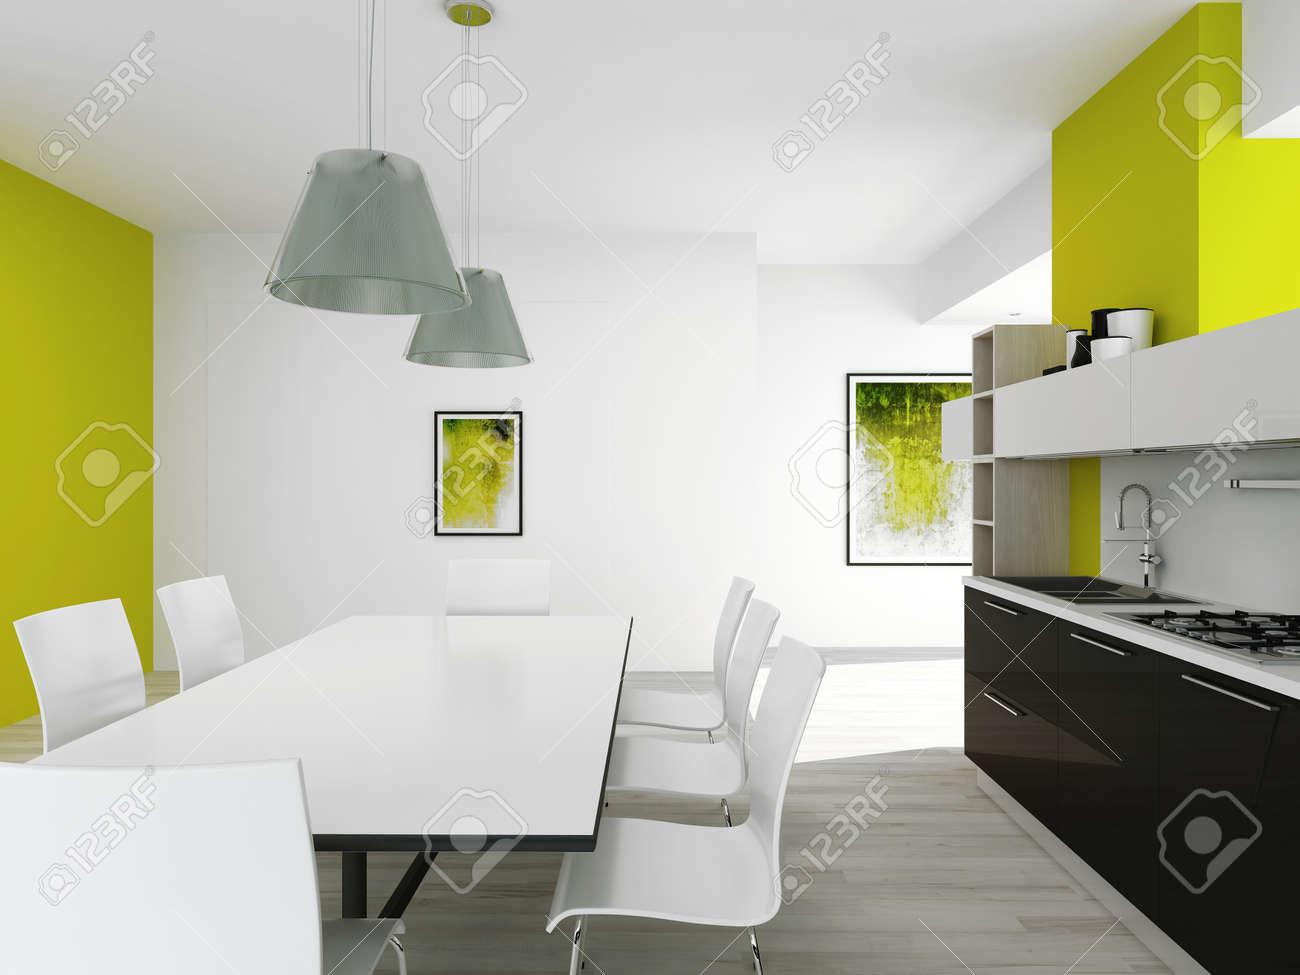 Interior De La Cocina Moderna Con Mesa De Comedor Y Paredes De Color ...